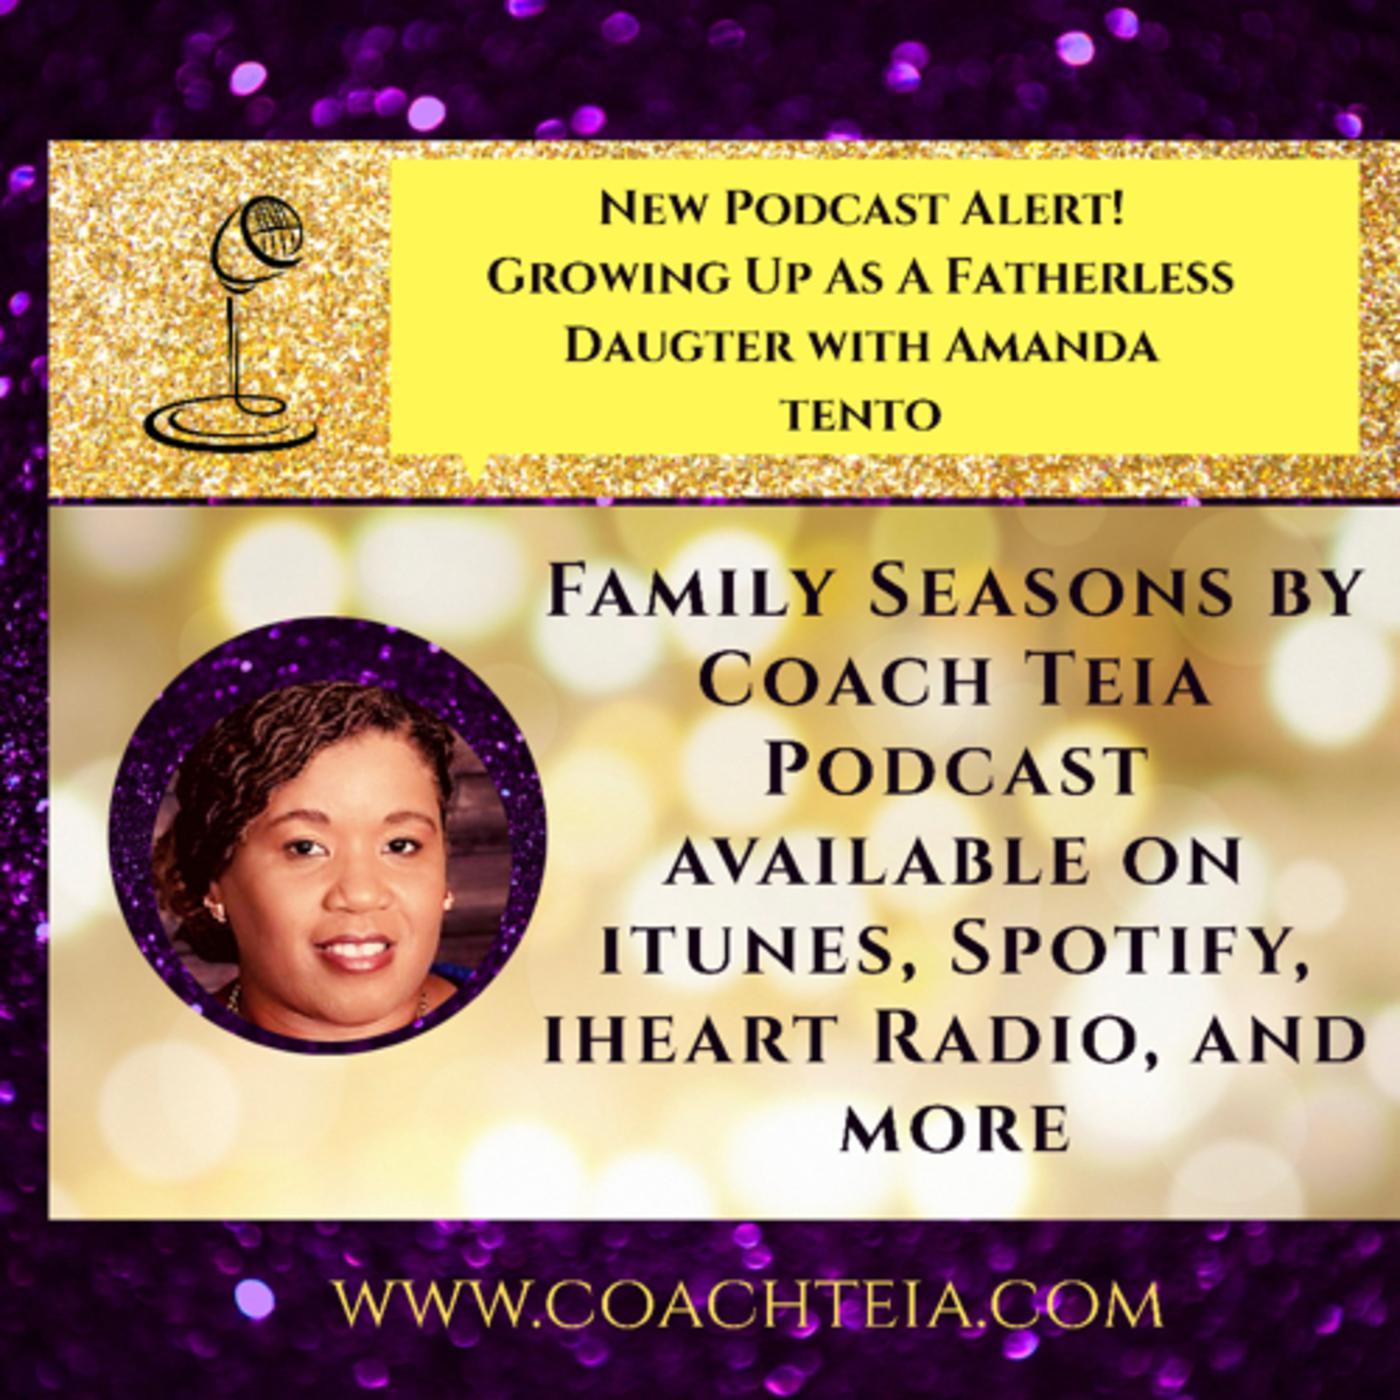 Family Season Podcast by Coach Teia with Amanda Tento